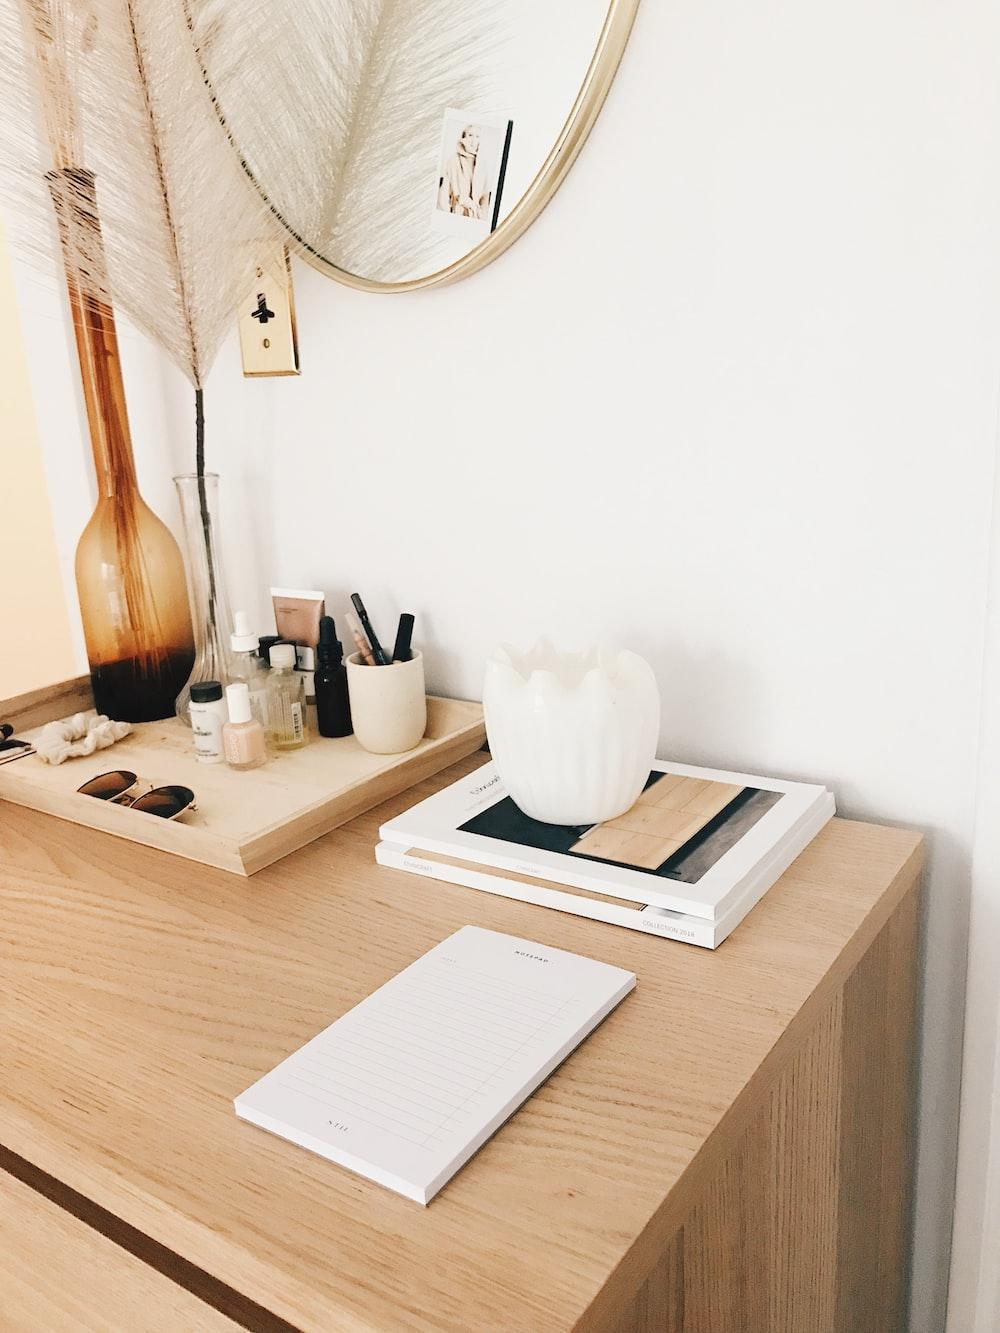 amber glass flower vase near white wall-mounted socket